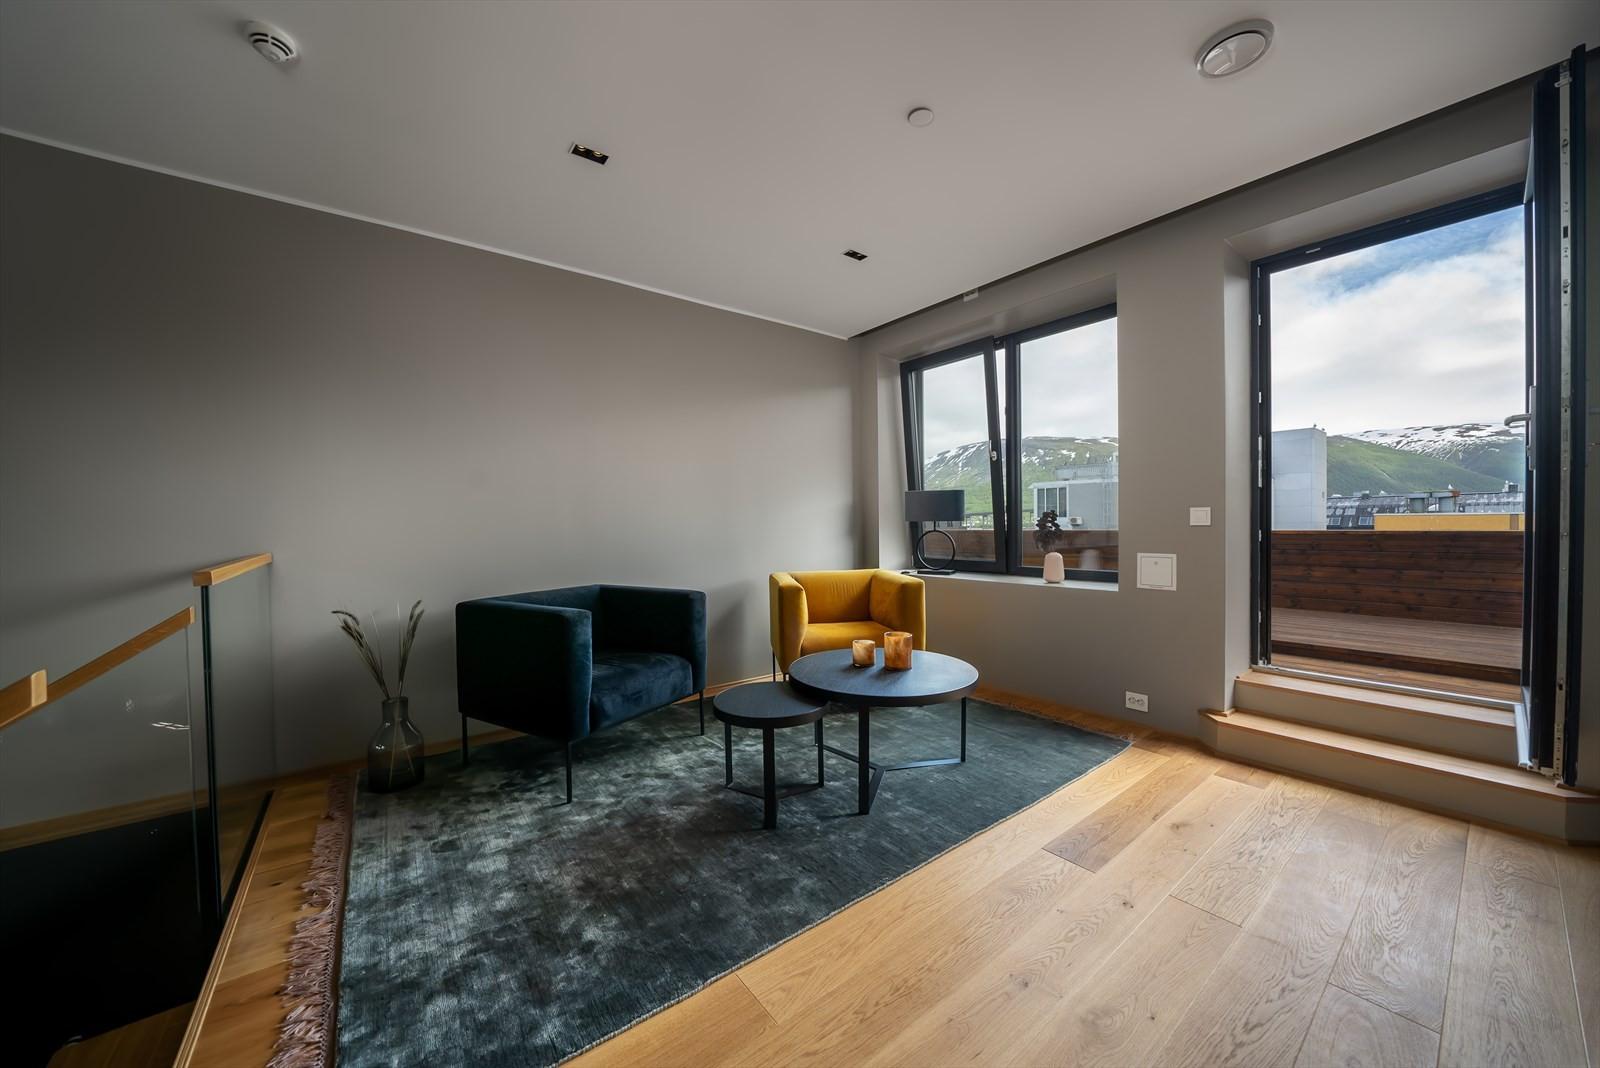 I leilighetens 2. etasje finner du denne koselige stuen og stor veranda